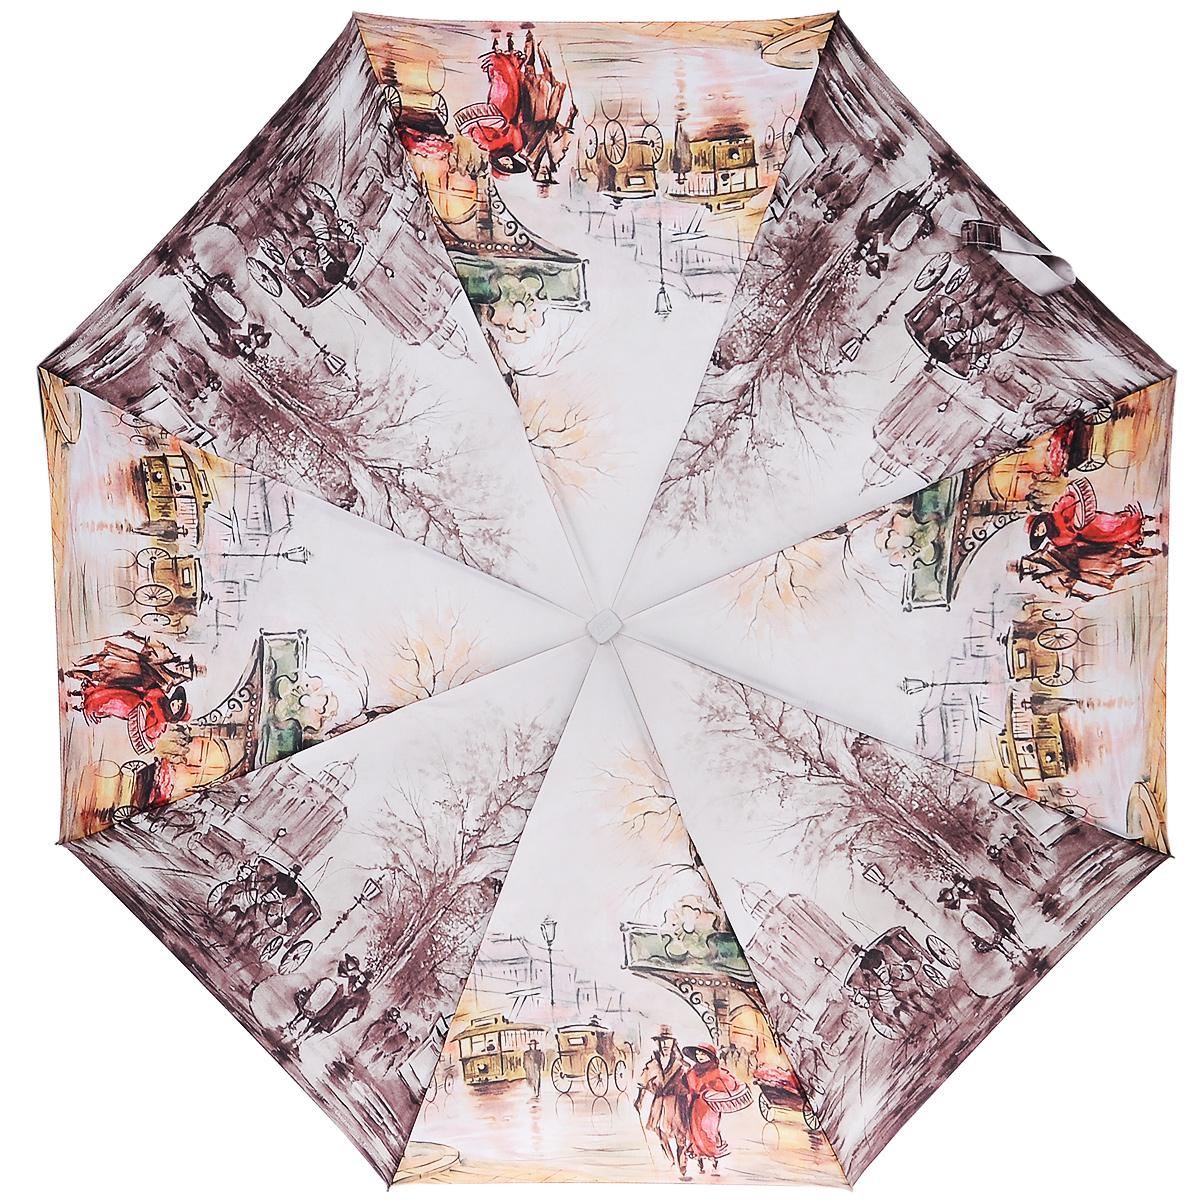 Зонт женский Zest, автомат, 3 сложения, цвет: серый, оранжевый. 23815-227023815-2270Автоматический зонт Zest в 3 сложения даже в ненастную погоду позволит вам оставаться стильной и элегантной. Детали каркаса изготовлены из высокопрочных материалов, специальная система Windproof защищает его от поломок. Зонт оснащен 8 спицами, выполненными из фибергласса. Ручка - продолговатая, вытянутая, выполнена из прорезиненного пластика разработана с учетом требований эргономики. Используемые высококачественные красители, а также покрытие Teflon обеспечивают длительное сохранение свойств ткани купола зонта. Купол выполнен из полиэстера и оформлен изображением городского пейзажа. Зонт имеет полный автоматический механизм сложения: купол открывается и закрывается нажатием кнопки на рукоятке, стержень складывается вручную до характерного щелчка. На рукоятке для удобства есть небольшой шнурок, позволяющий надеть зонт на руку тогда, когда это будет необходимо. К зонту прилагается чехол. Характеристики: Материал: алюминий,...